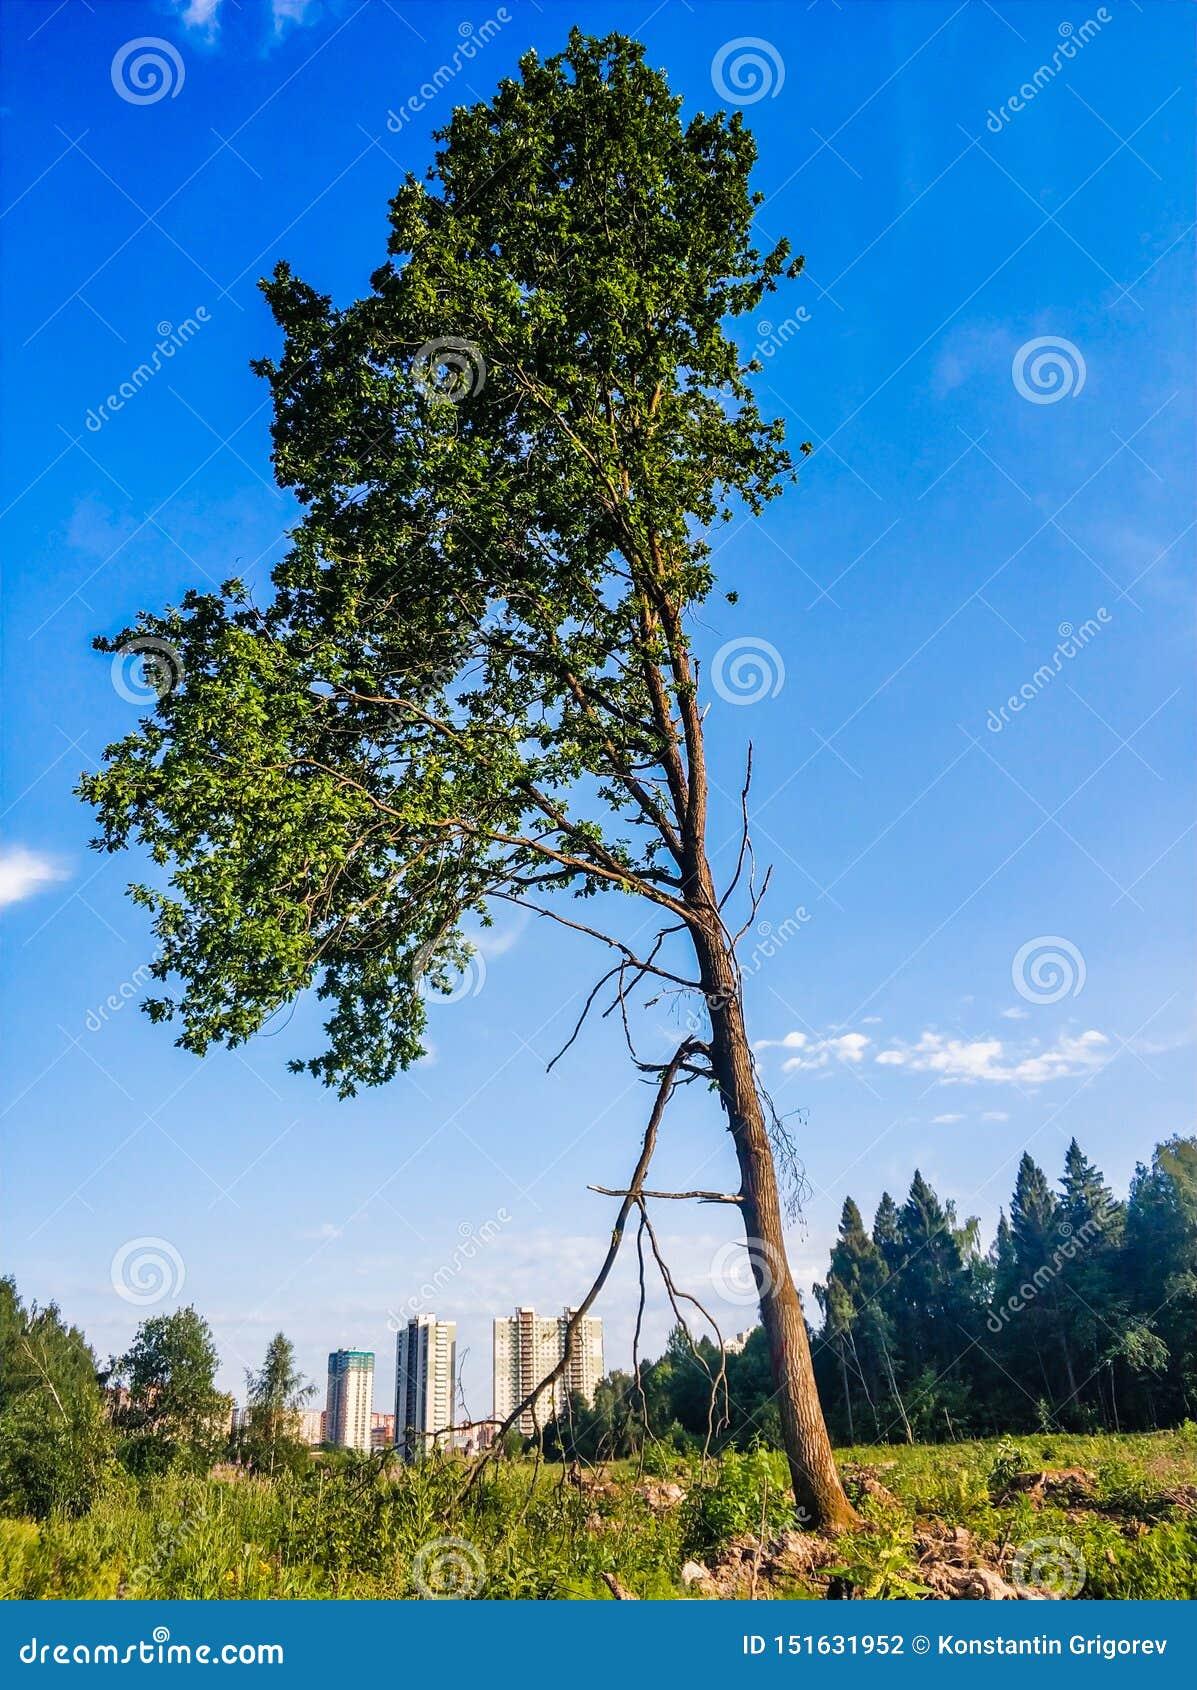 пейзаж ландшафта дерева стойки одного на поле травы